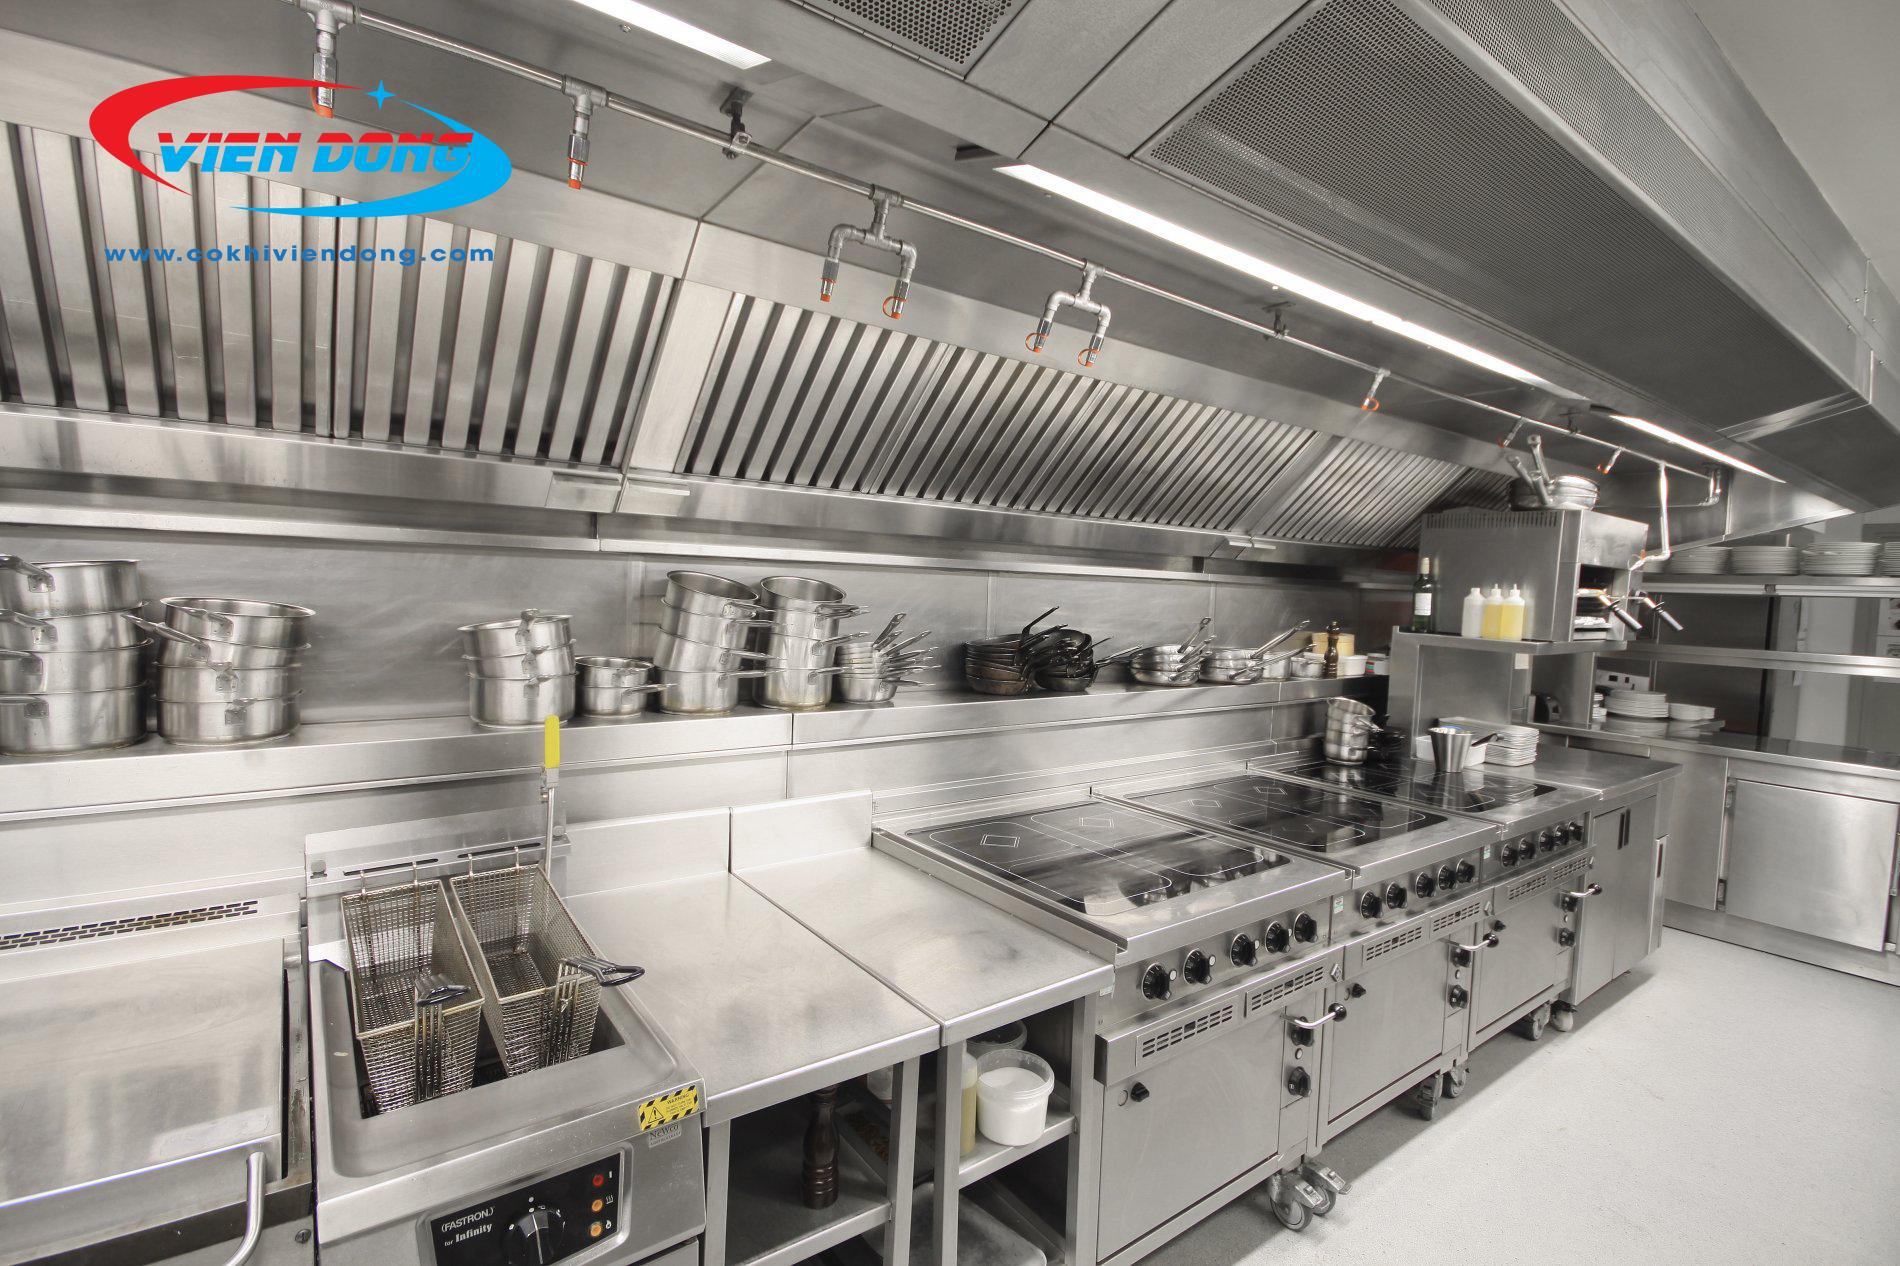 Mách bạn cách chọn thiết bị nhà bếp công nghiệp cho nhà hàng nhỏ